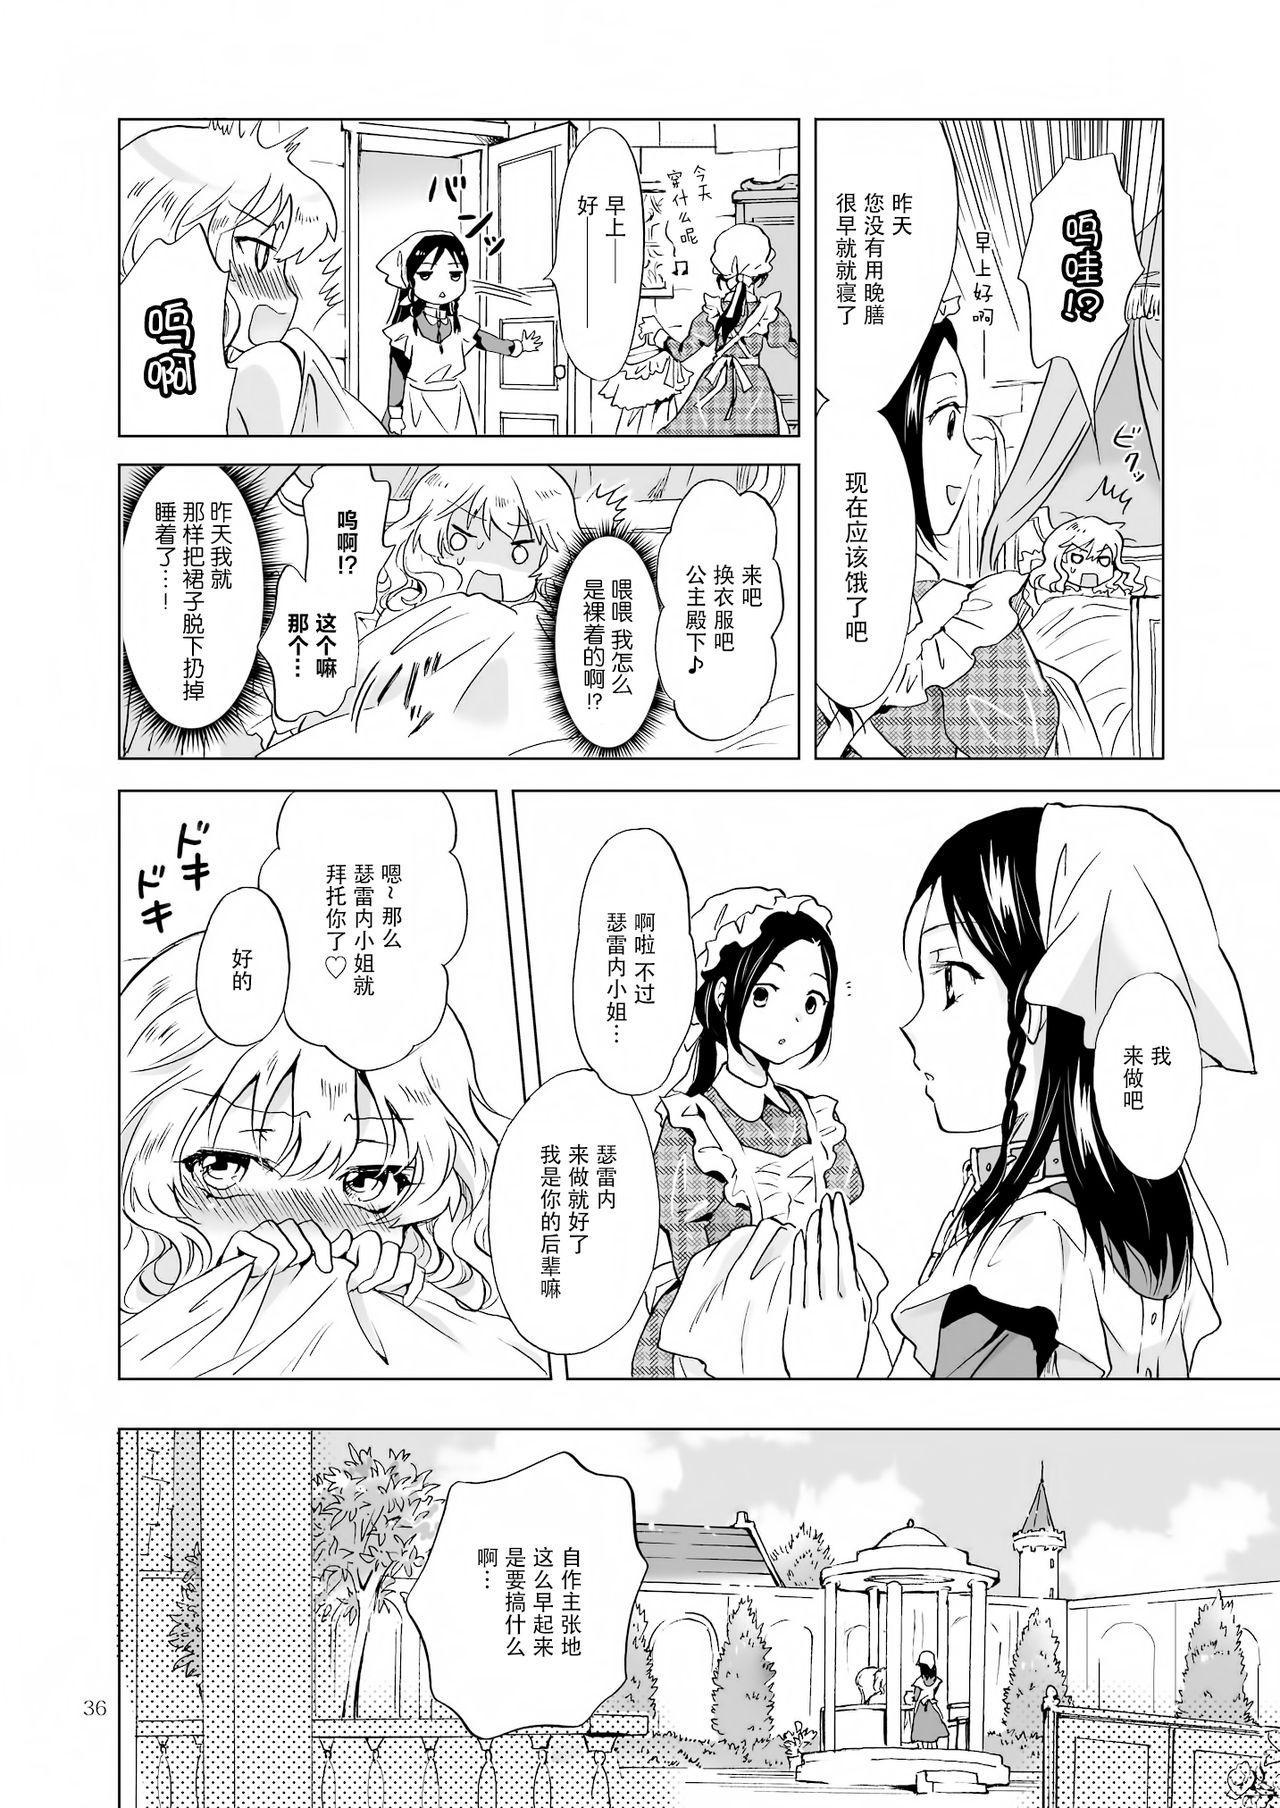 [peachpulsar (Mira)] Hime-sama to Dorei-chan [Chinese] [脸肿汉化组] [Digital] 35